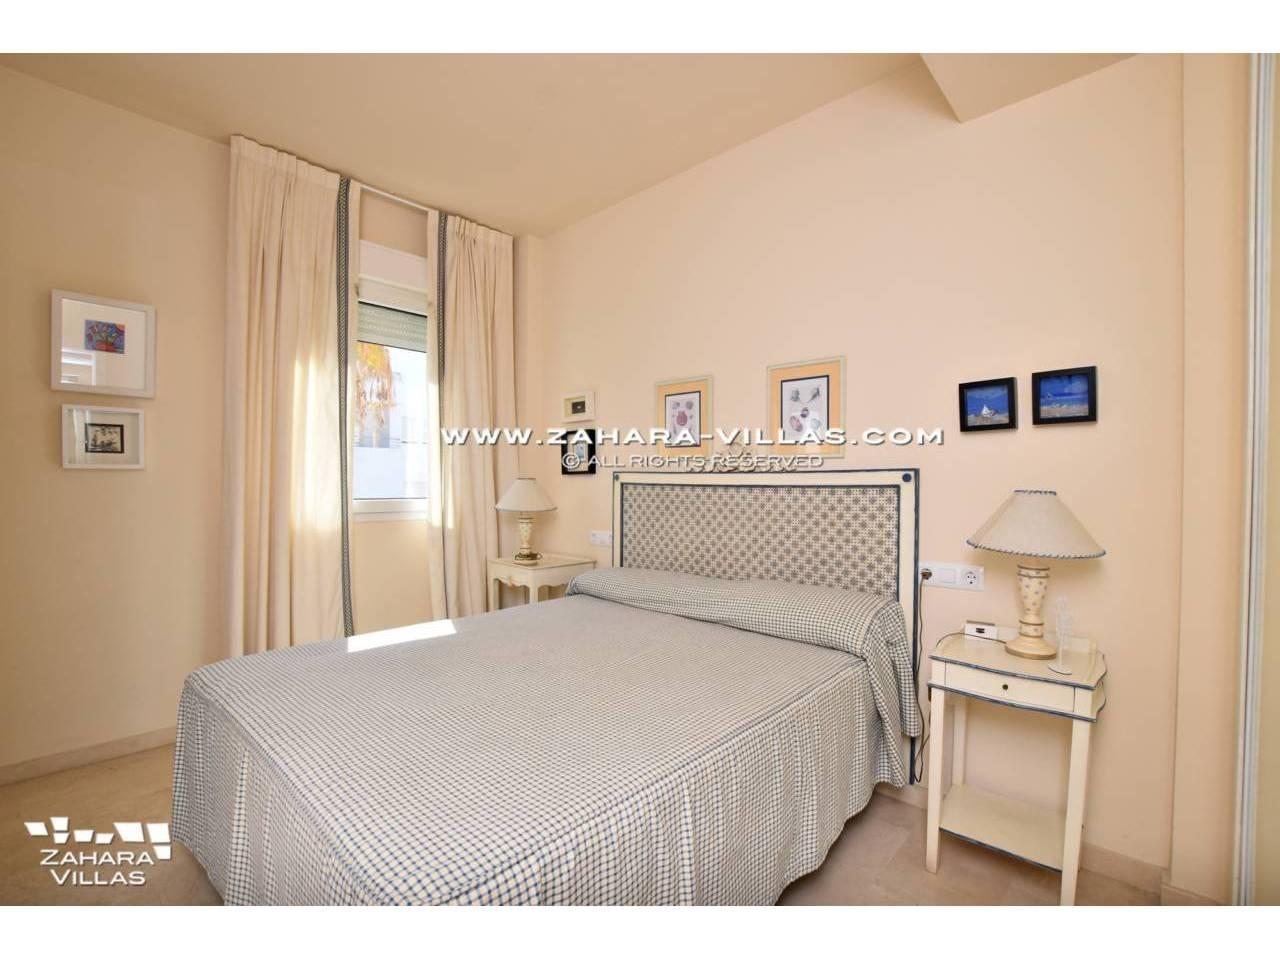 Imagen 17 de Duplex zu verkaufen in Urb. Costa Zahara